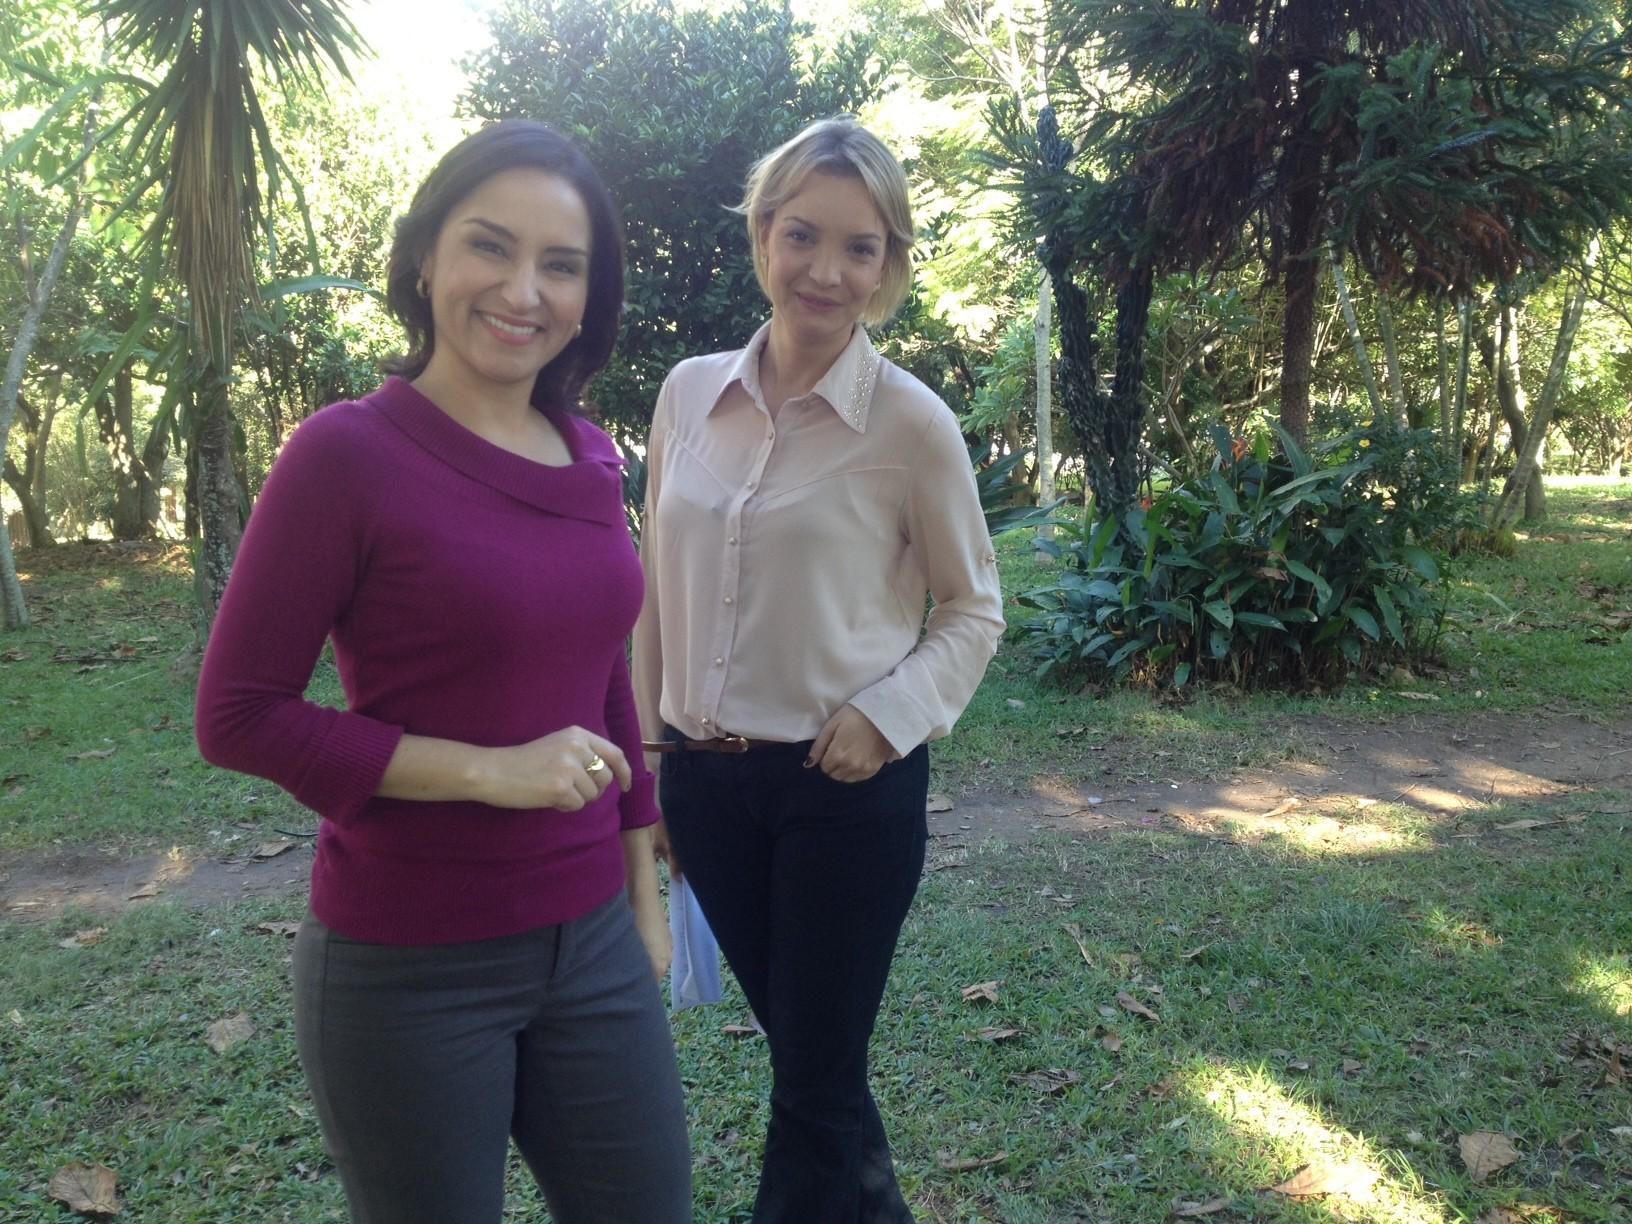 Soninha Campos e Tata Fromholz trazem dicas de saúde e beleza (Foto: Sônia Campos/Arquivo pessoal)